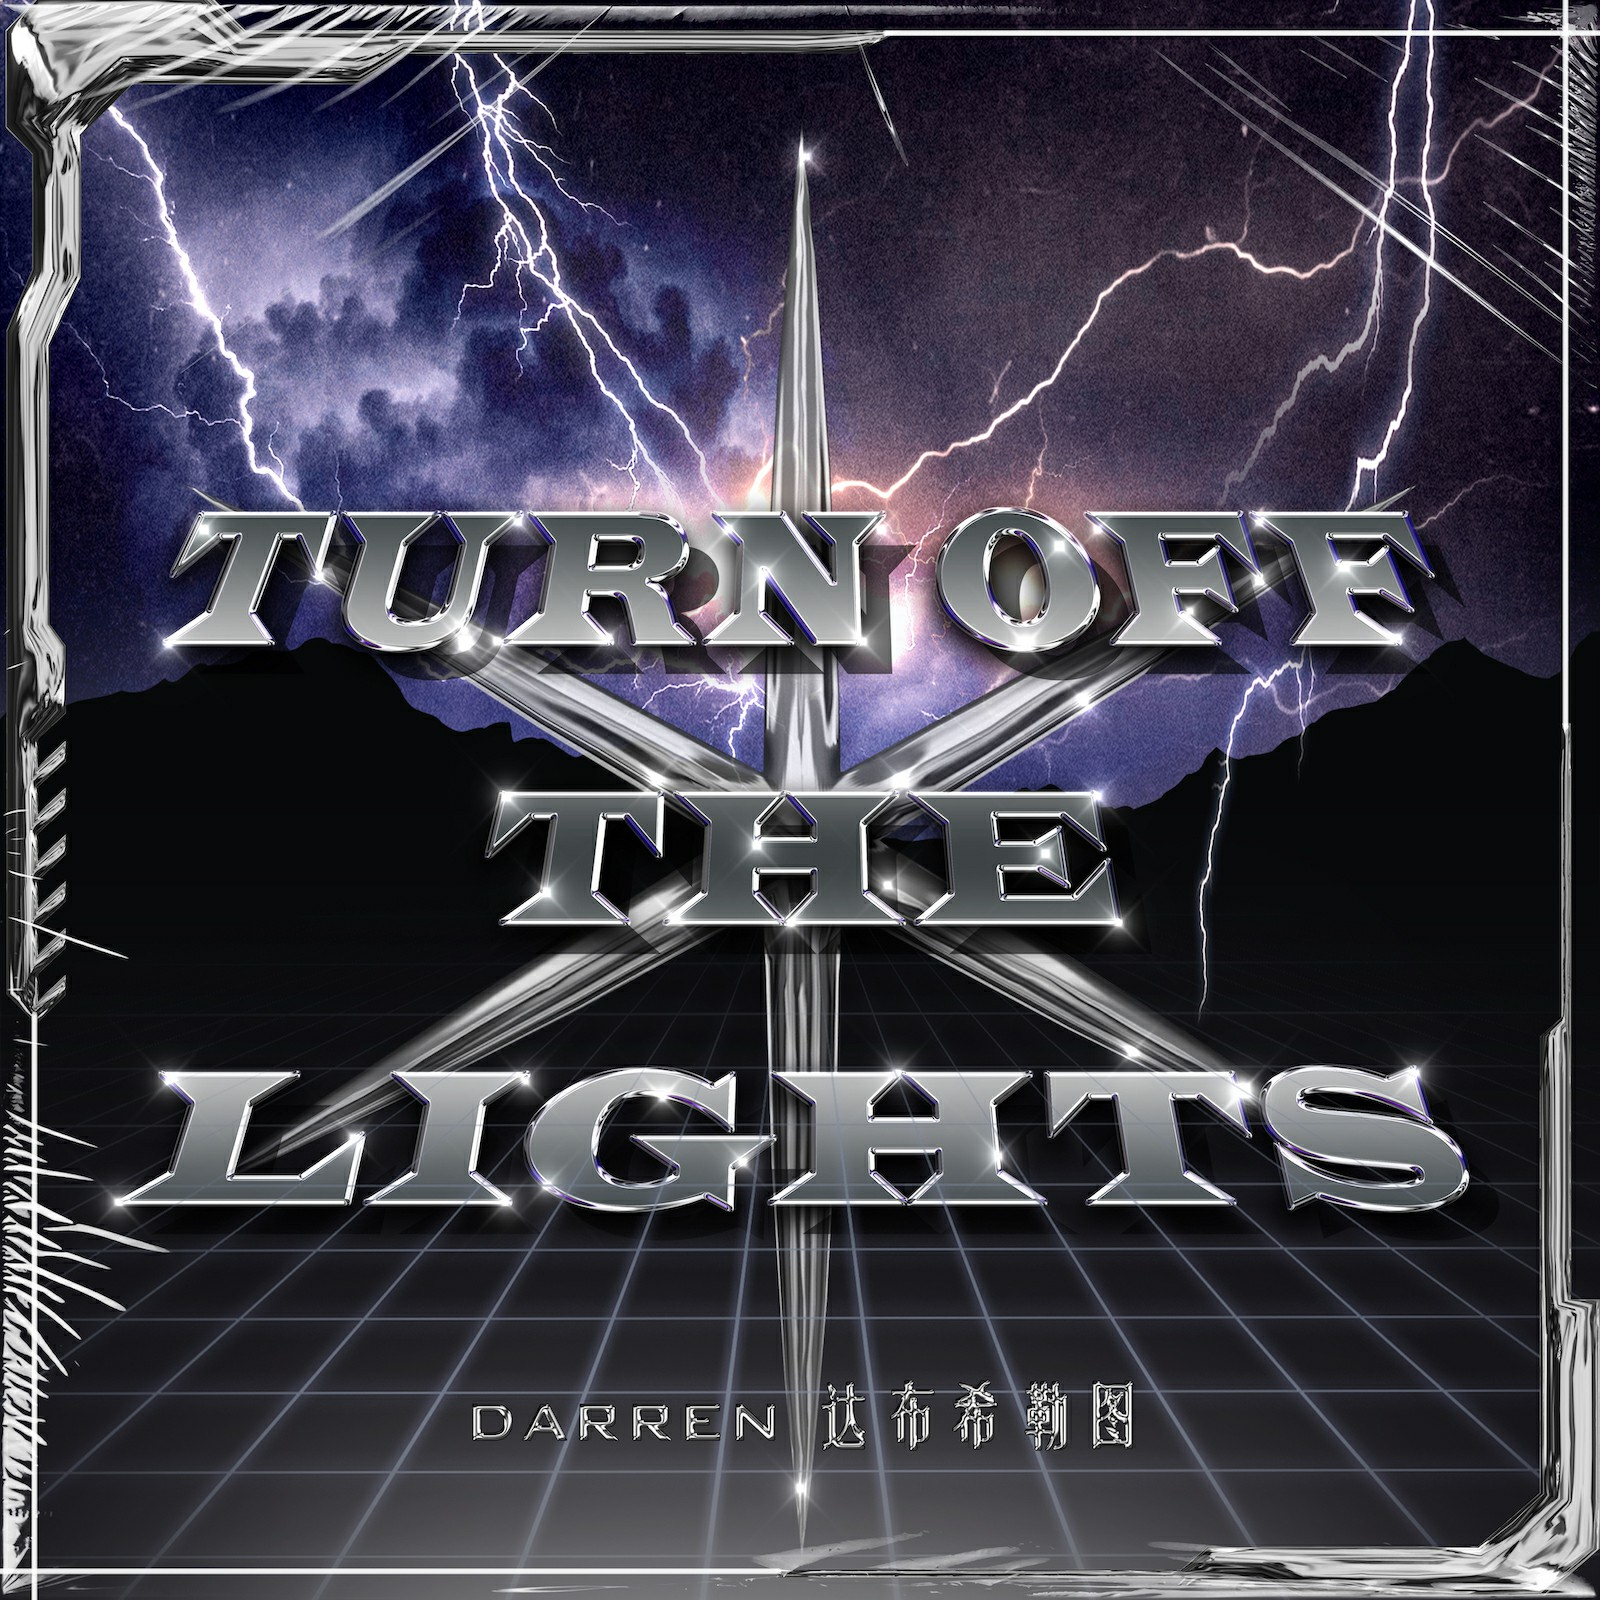 原创音乐人达布希勒图新单《TURN OFF THE LIGHTS》上线 才华崭露头角